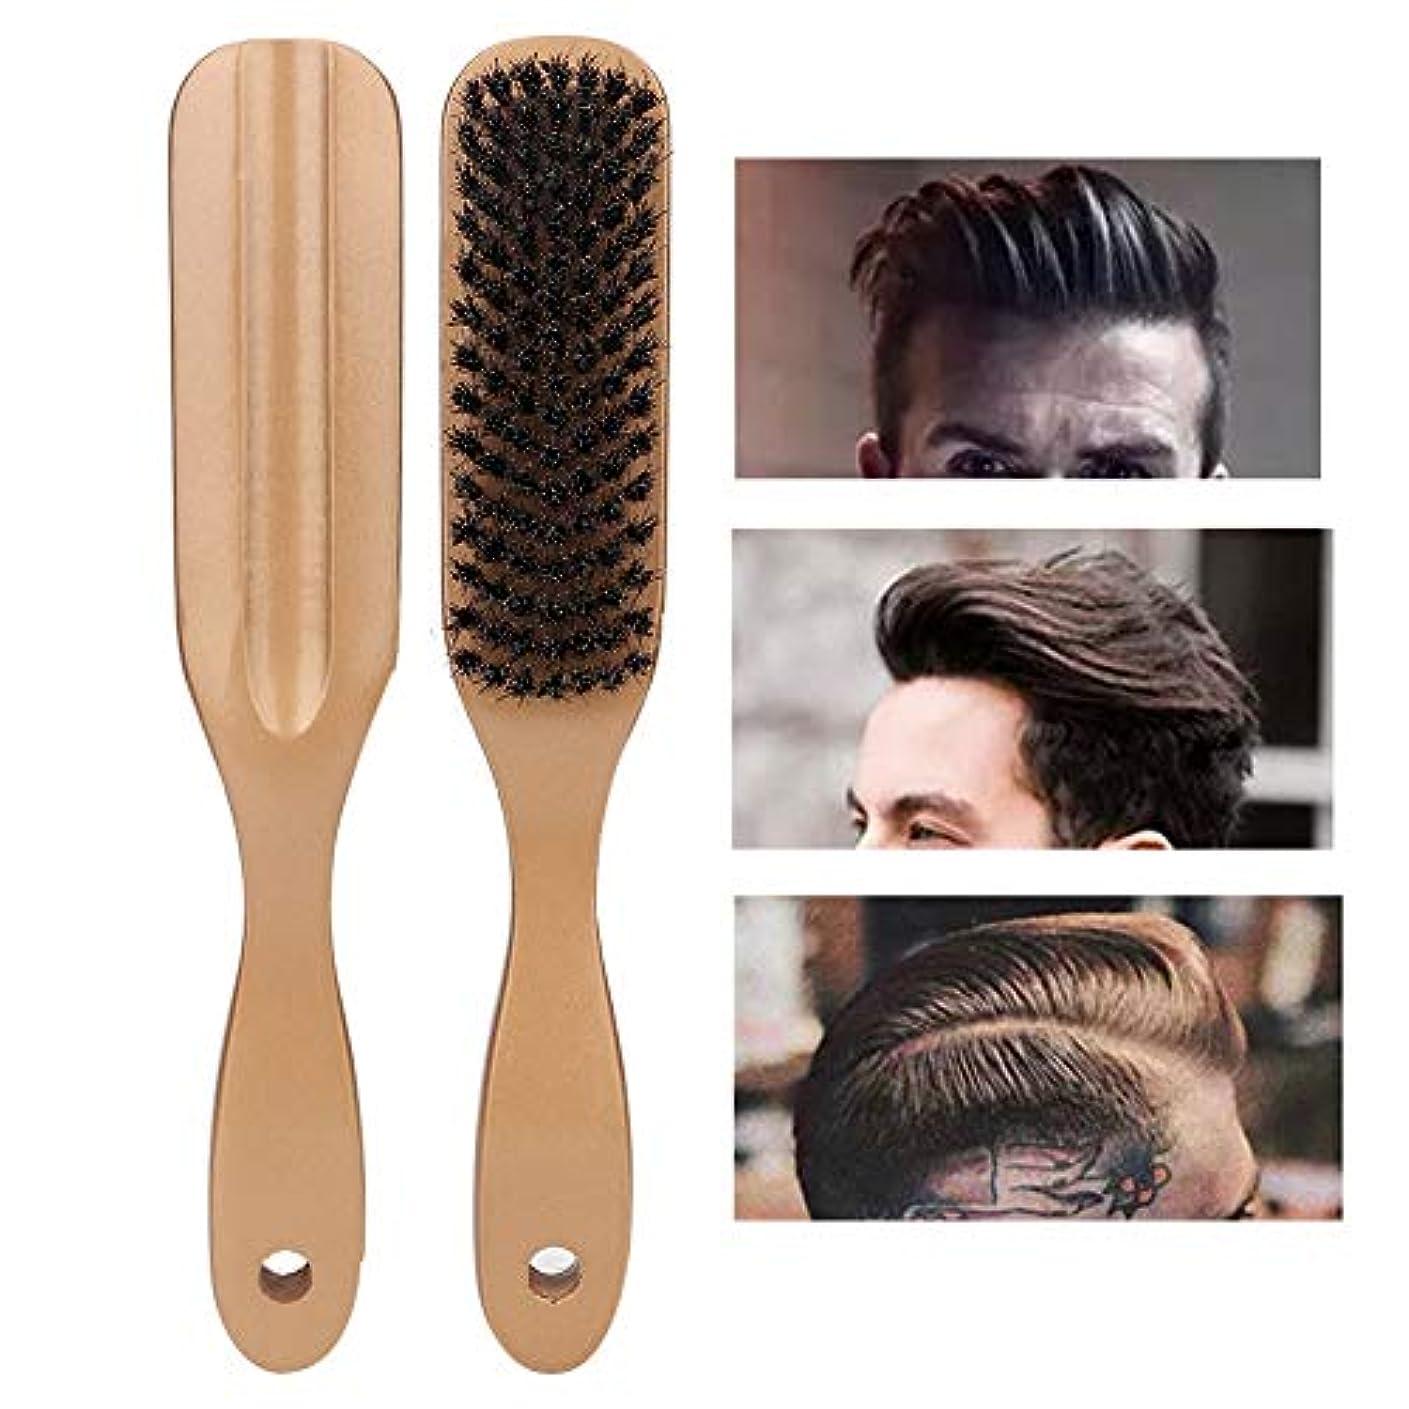 カヌーアリスアジア人人のひげの櫛のブラシオイルのヘッドブラシのヘアーケア用具(ダークイエロー)